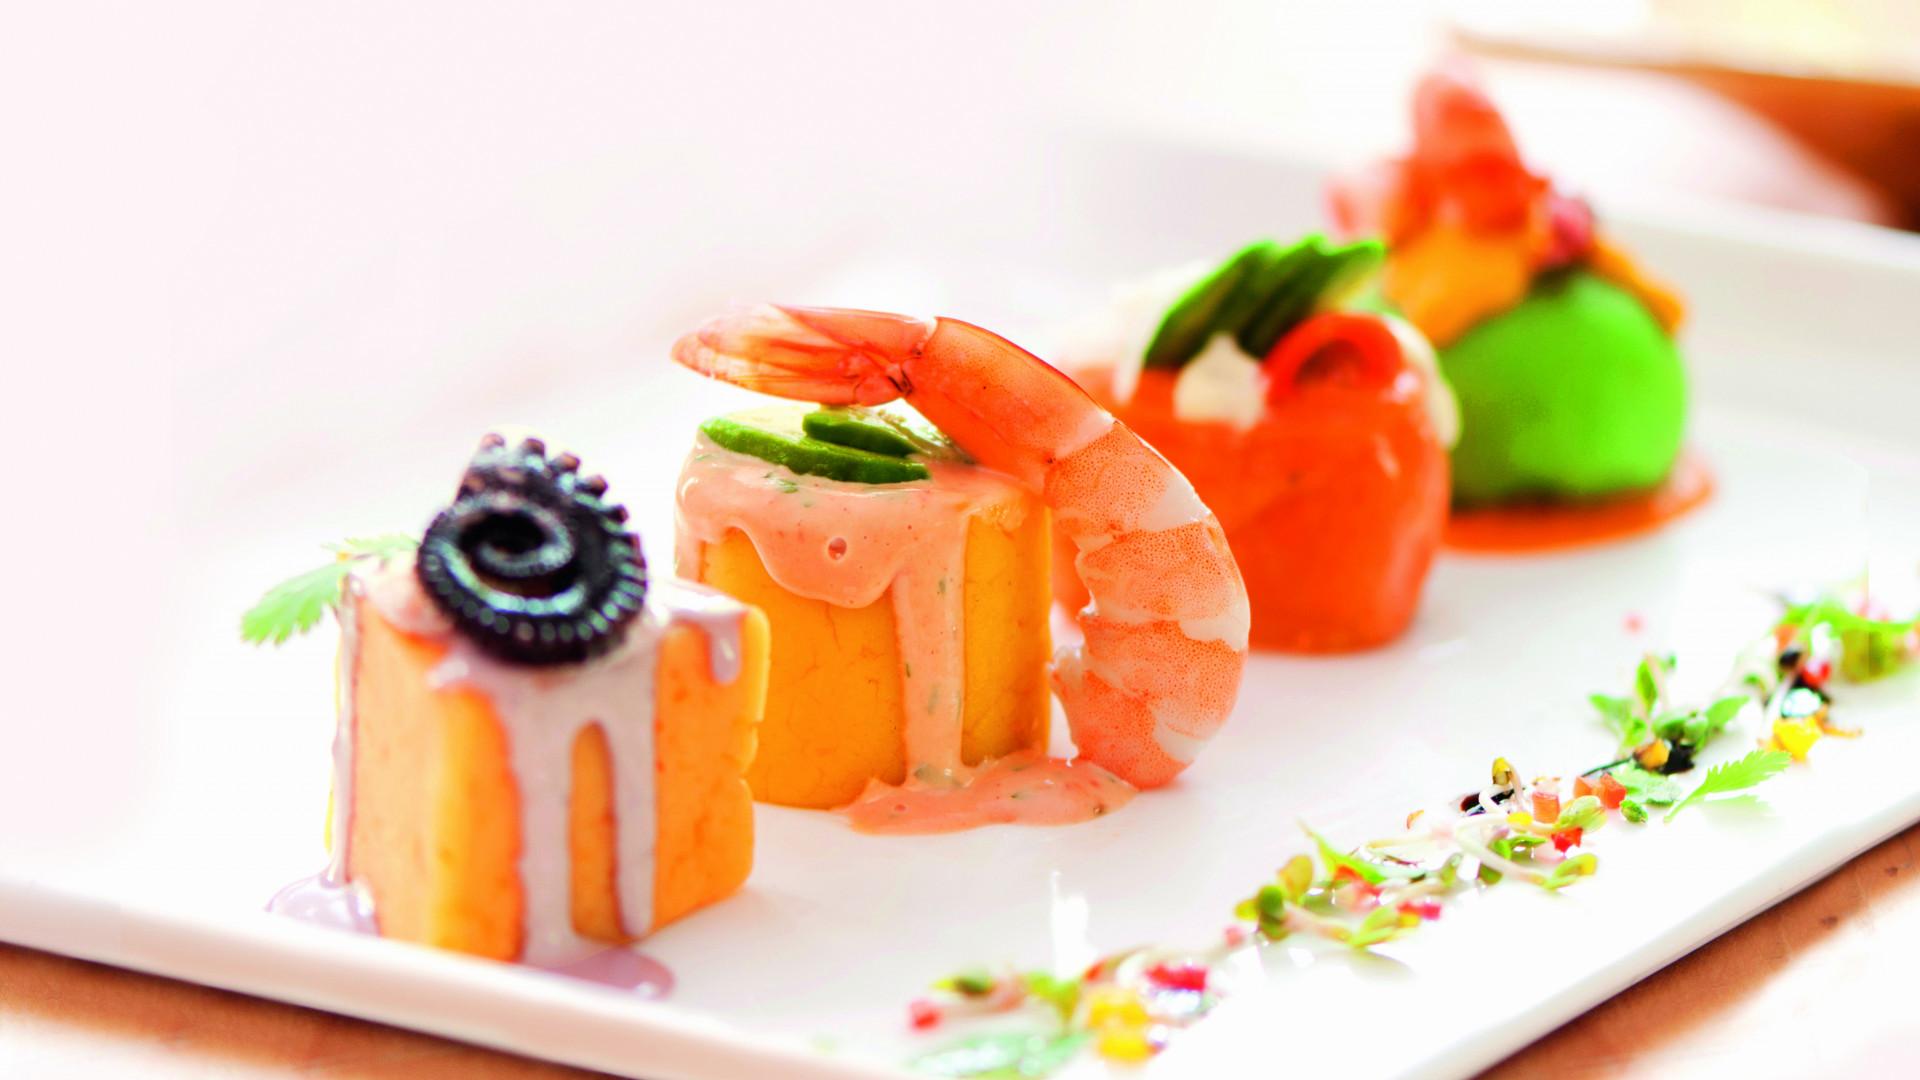 Peru's diverse national cuisine